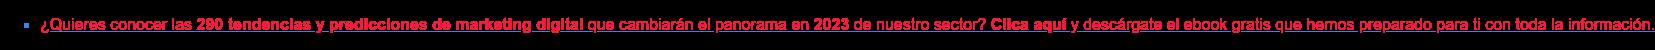 """* ¿Quieres conocer las tendencias de marketing digital para 2019? Clica aquí  y descárgate el ebook con""""las 50 novedades que revolucionarán el marketing  digitalen 2019""""."""